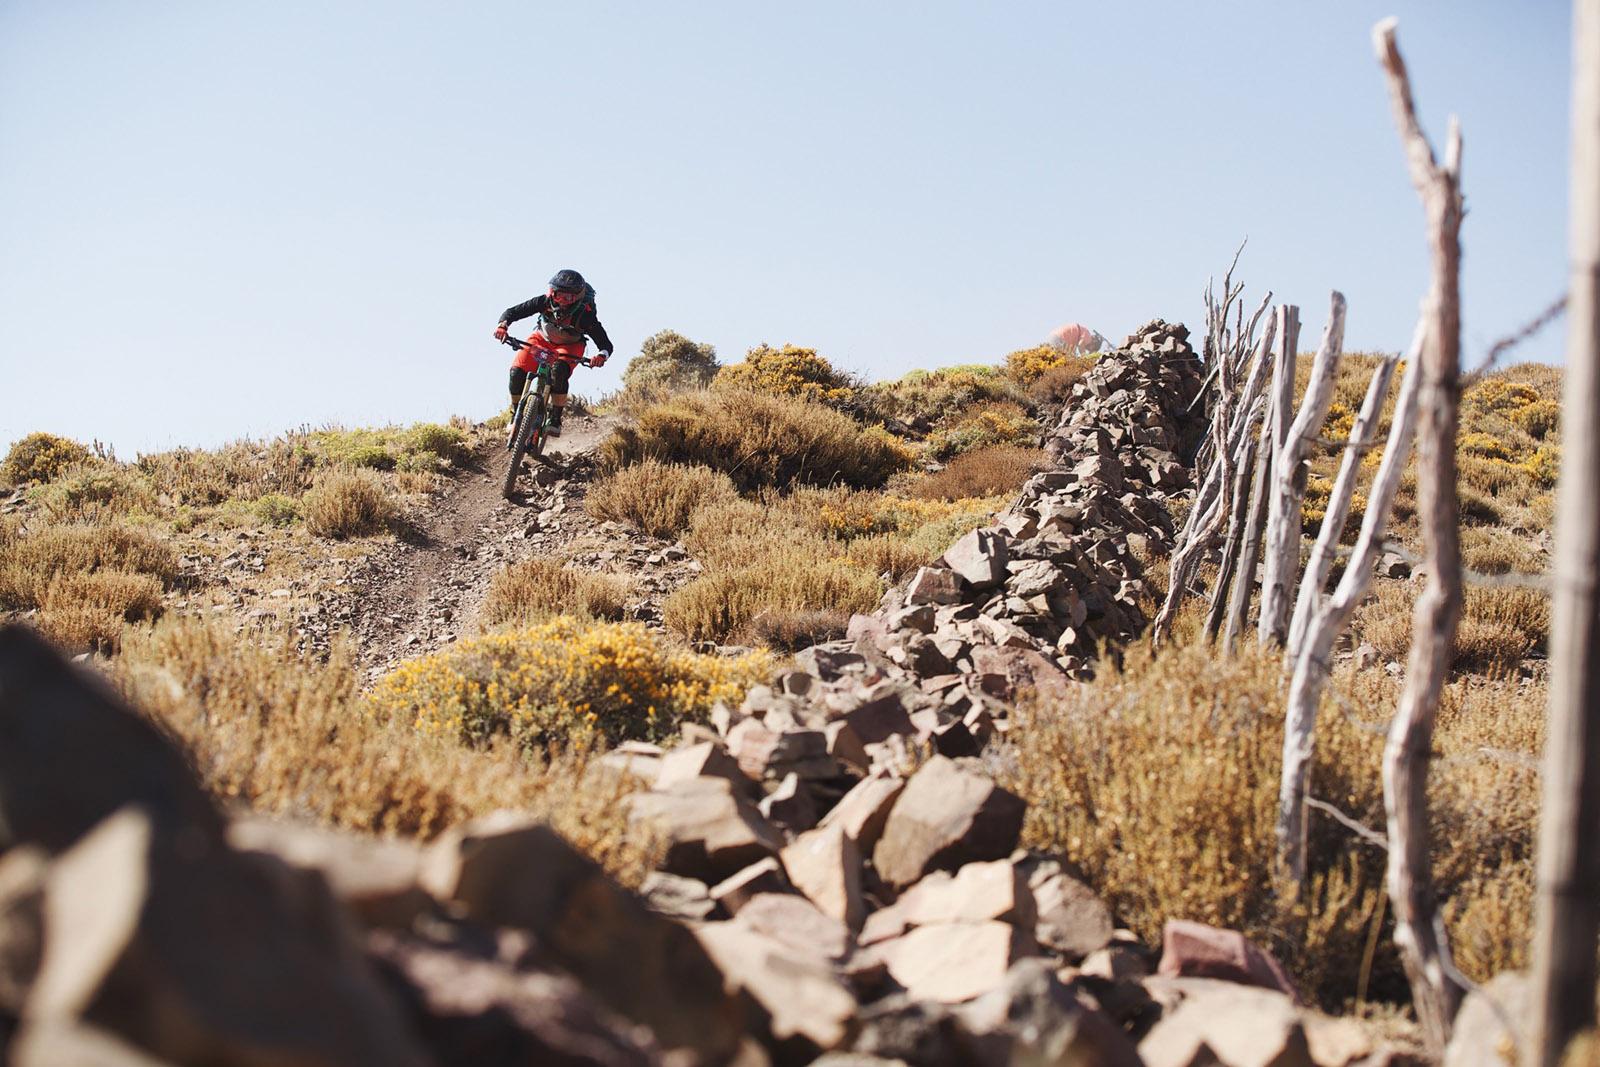 Santa Cruz Bicycles - Juliana Bicycles Team Rider Jaime Hill at Andes Pacifico